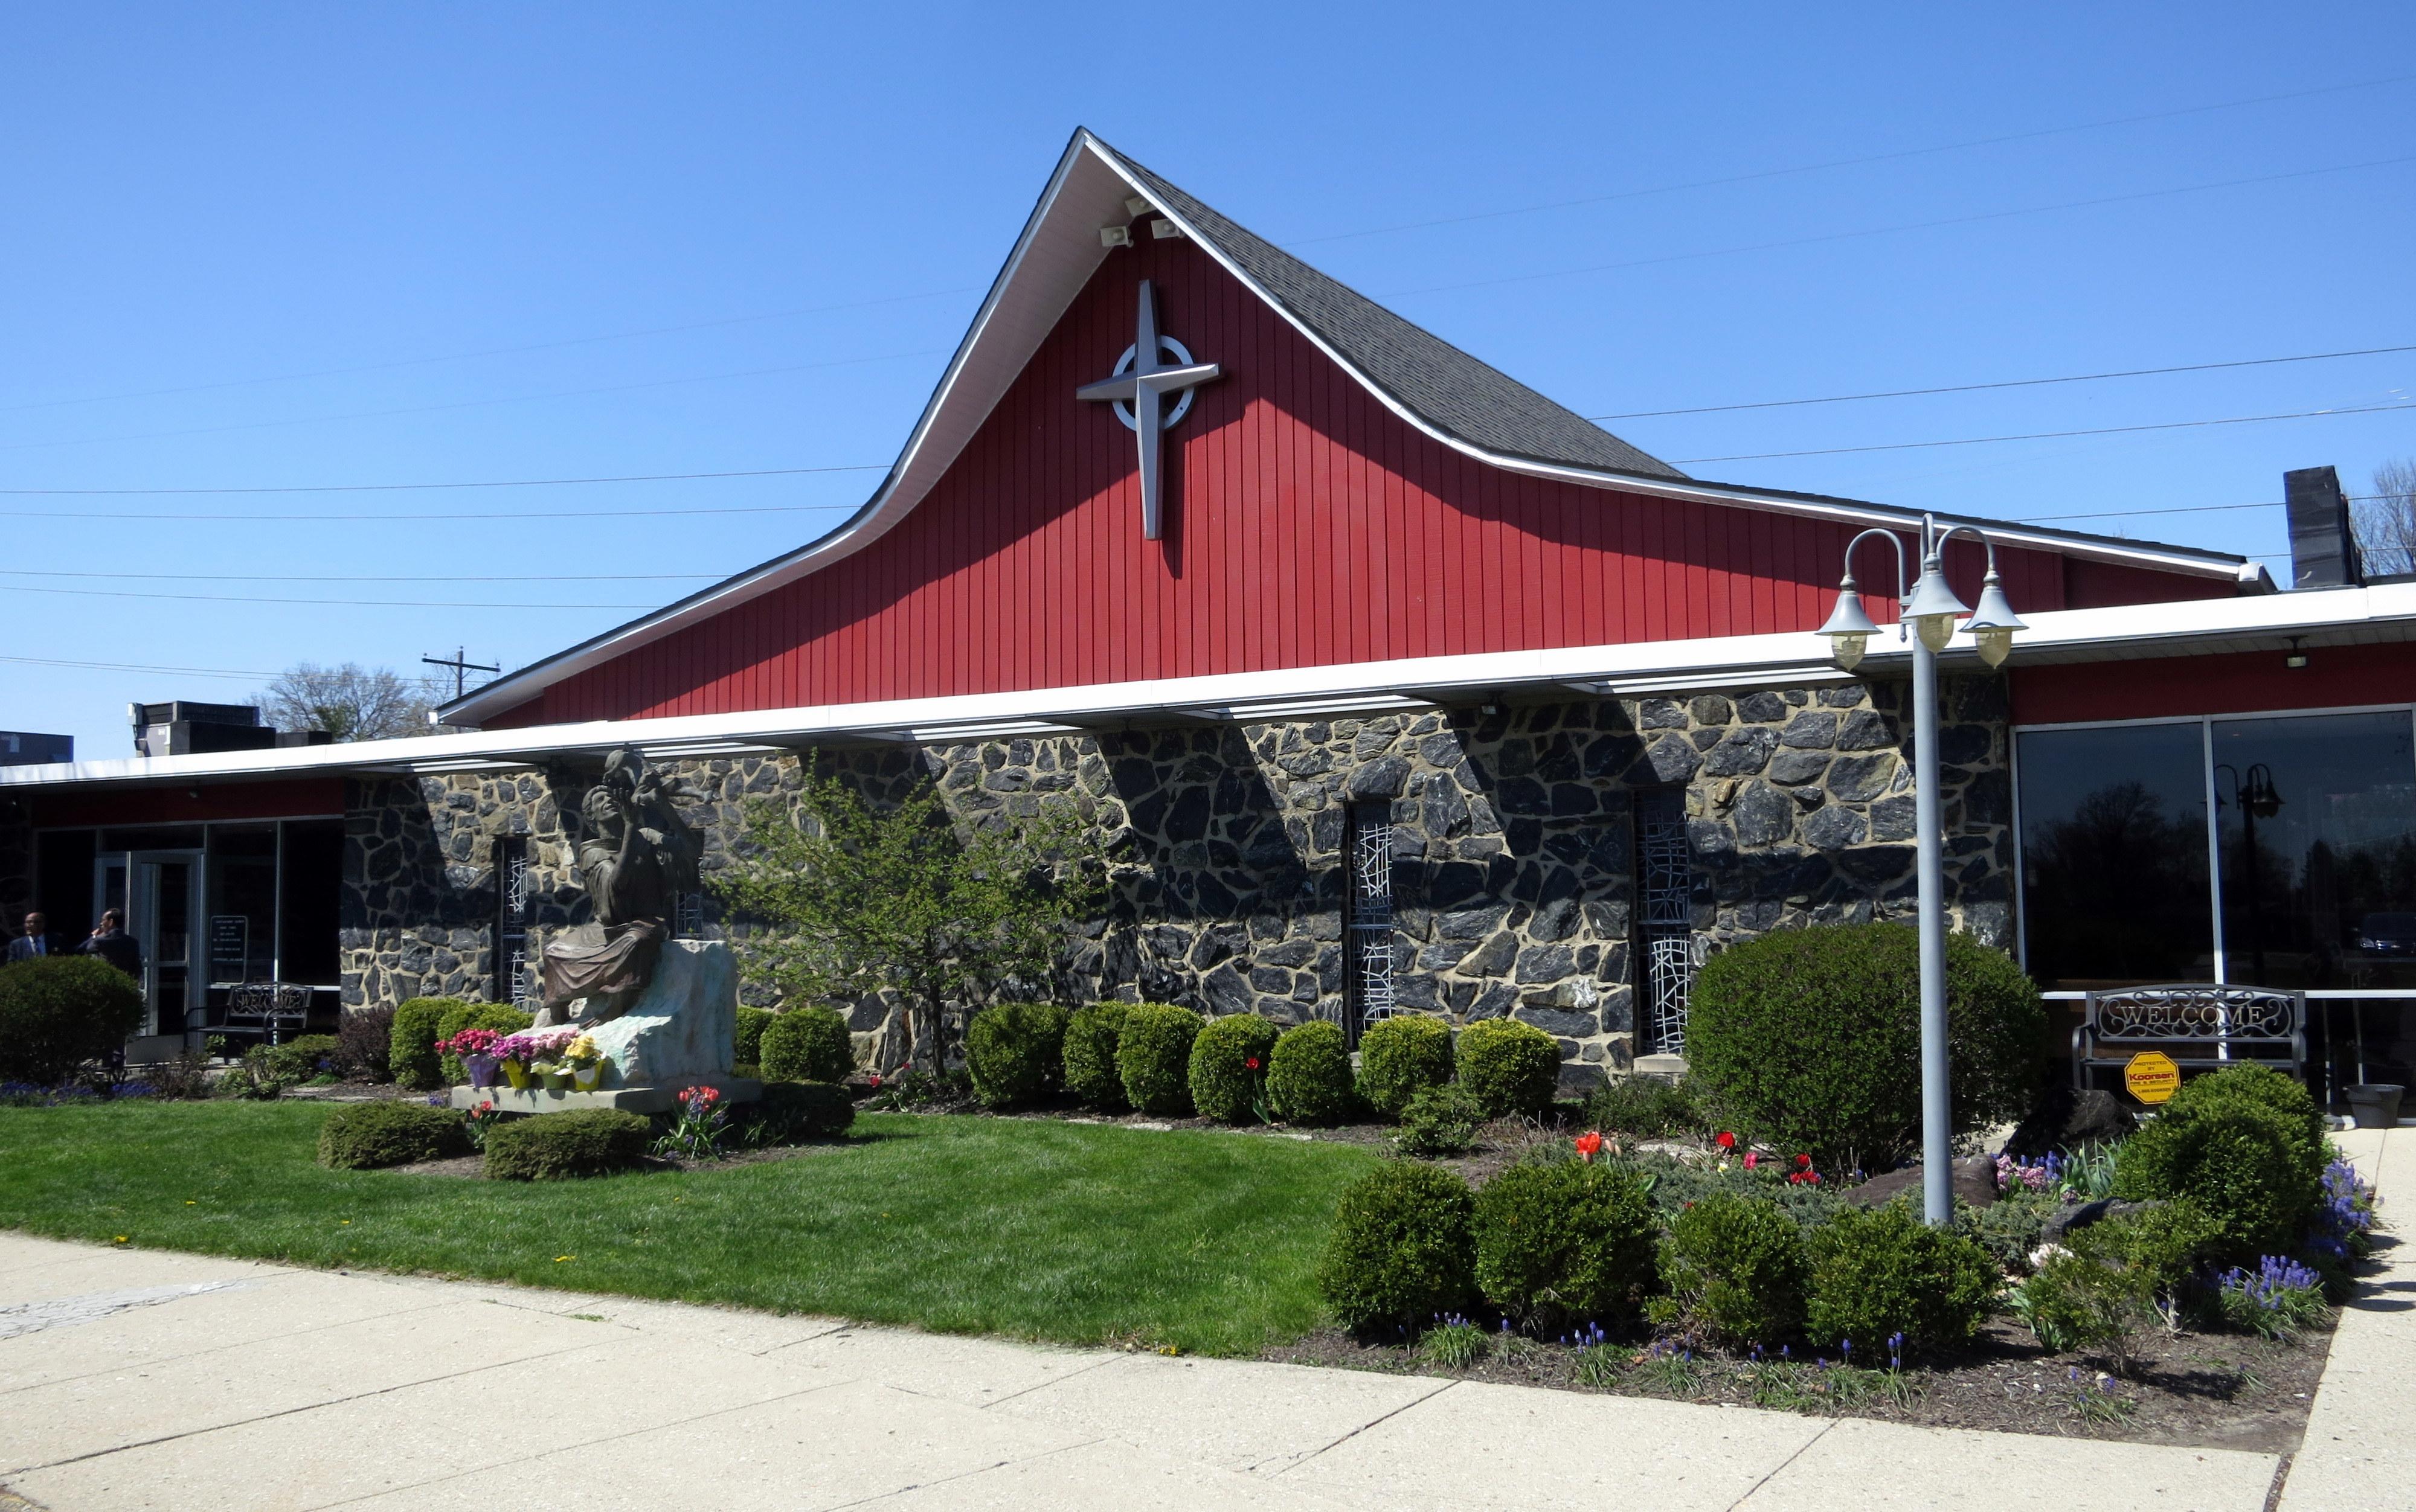 FileSaint Anthony Catholic Church (Columbus Ohio) - exterior 3.JPG & File:Saint Anthony Catholic Church (Columbus Ohio) - exterior 3 ...